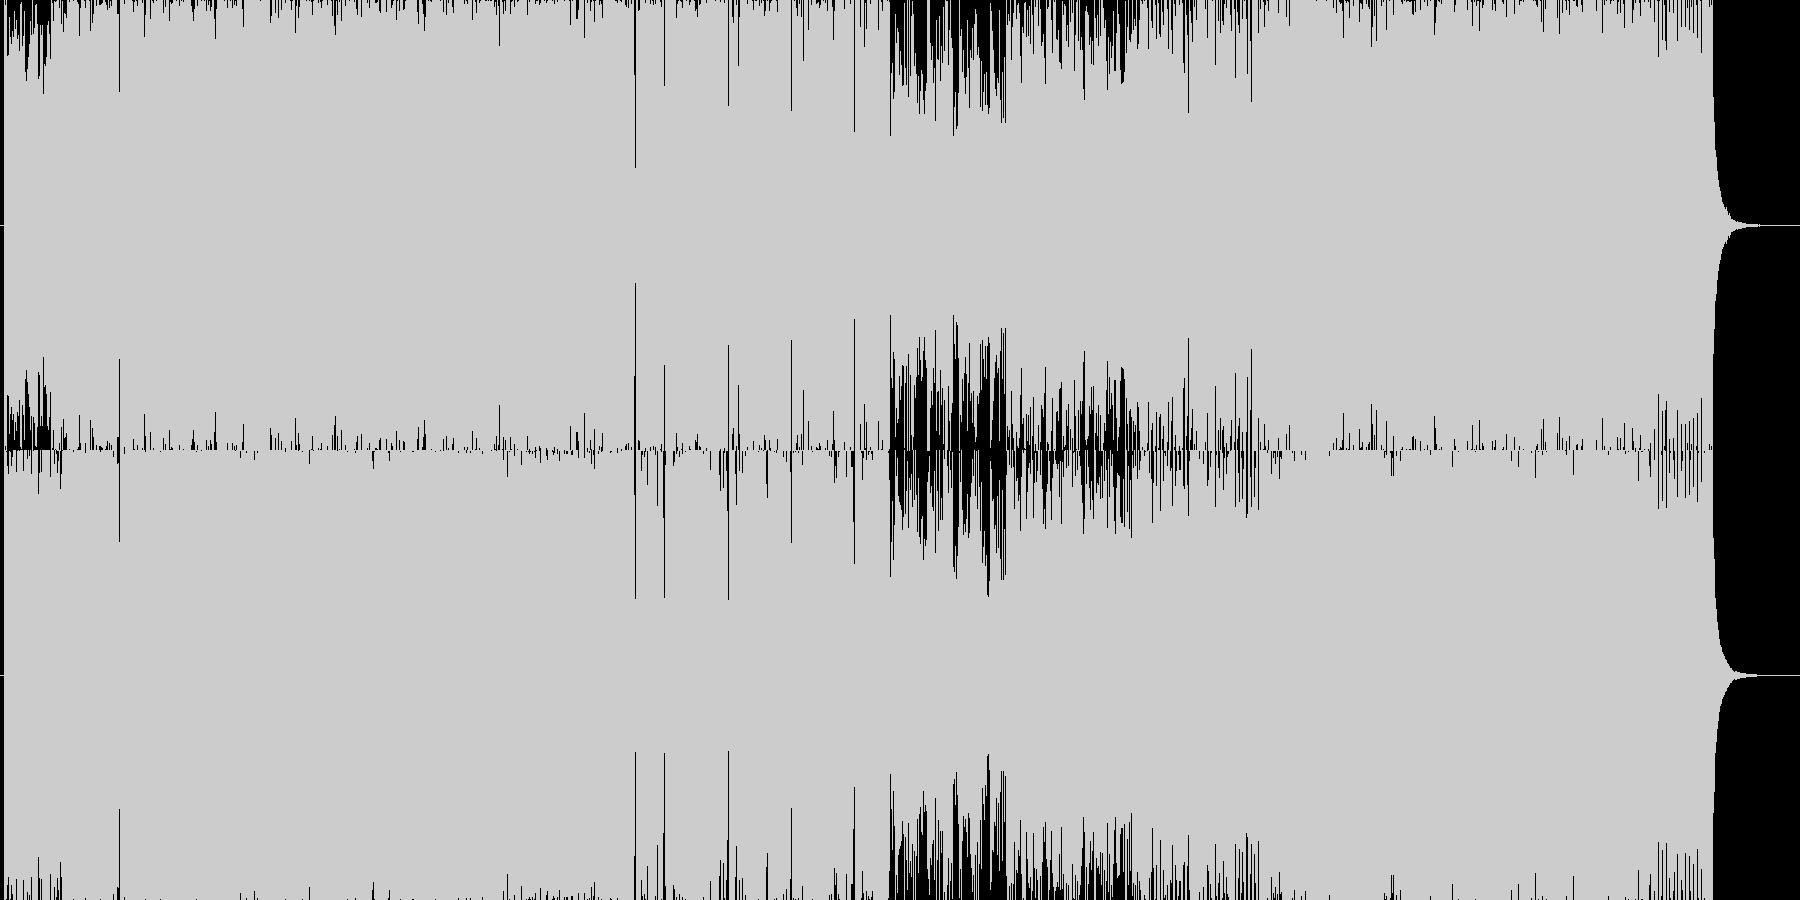 スラップベースをフューチャーしたEDMの未再生の波形